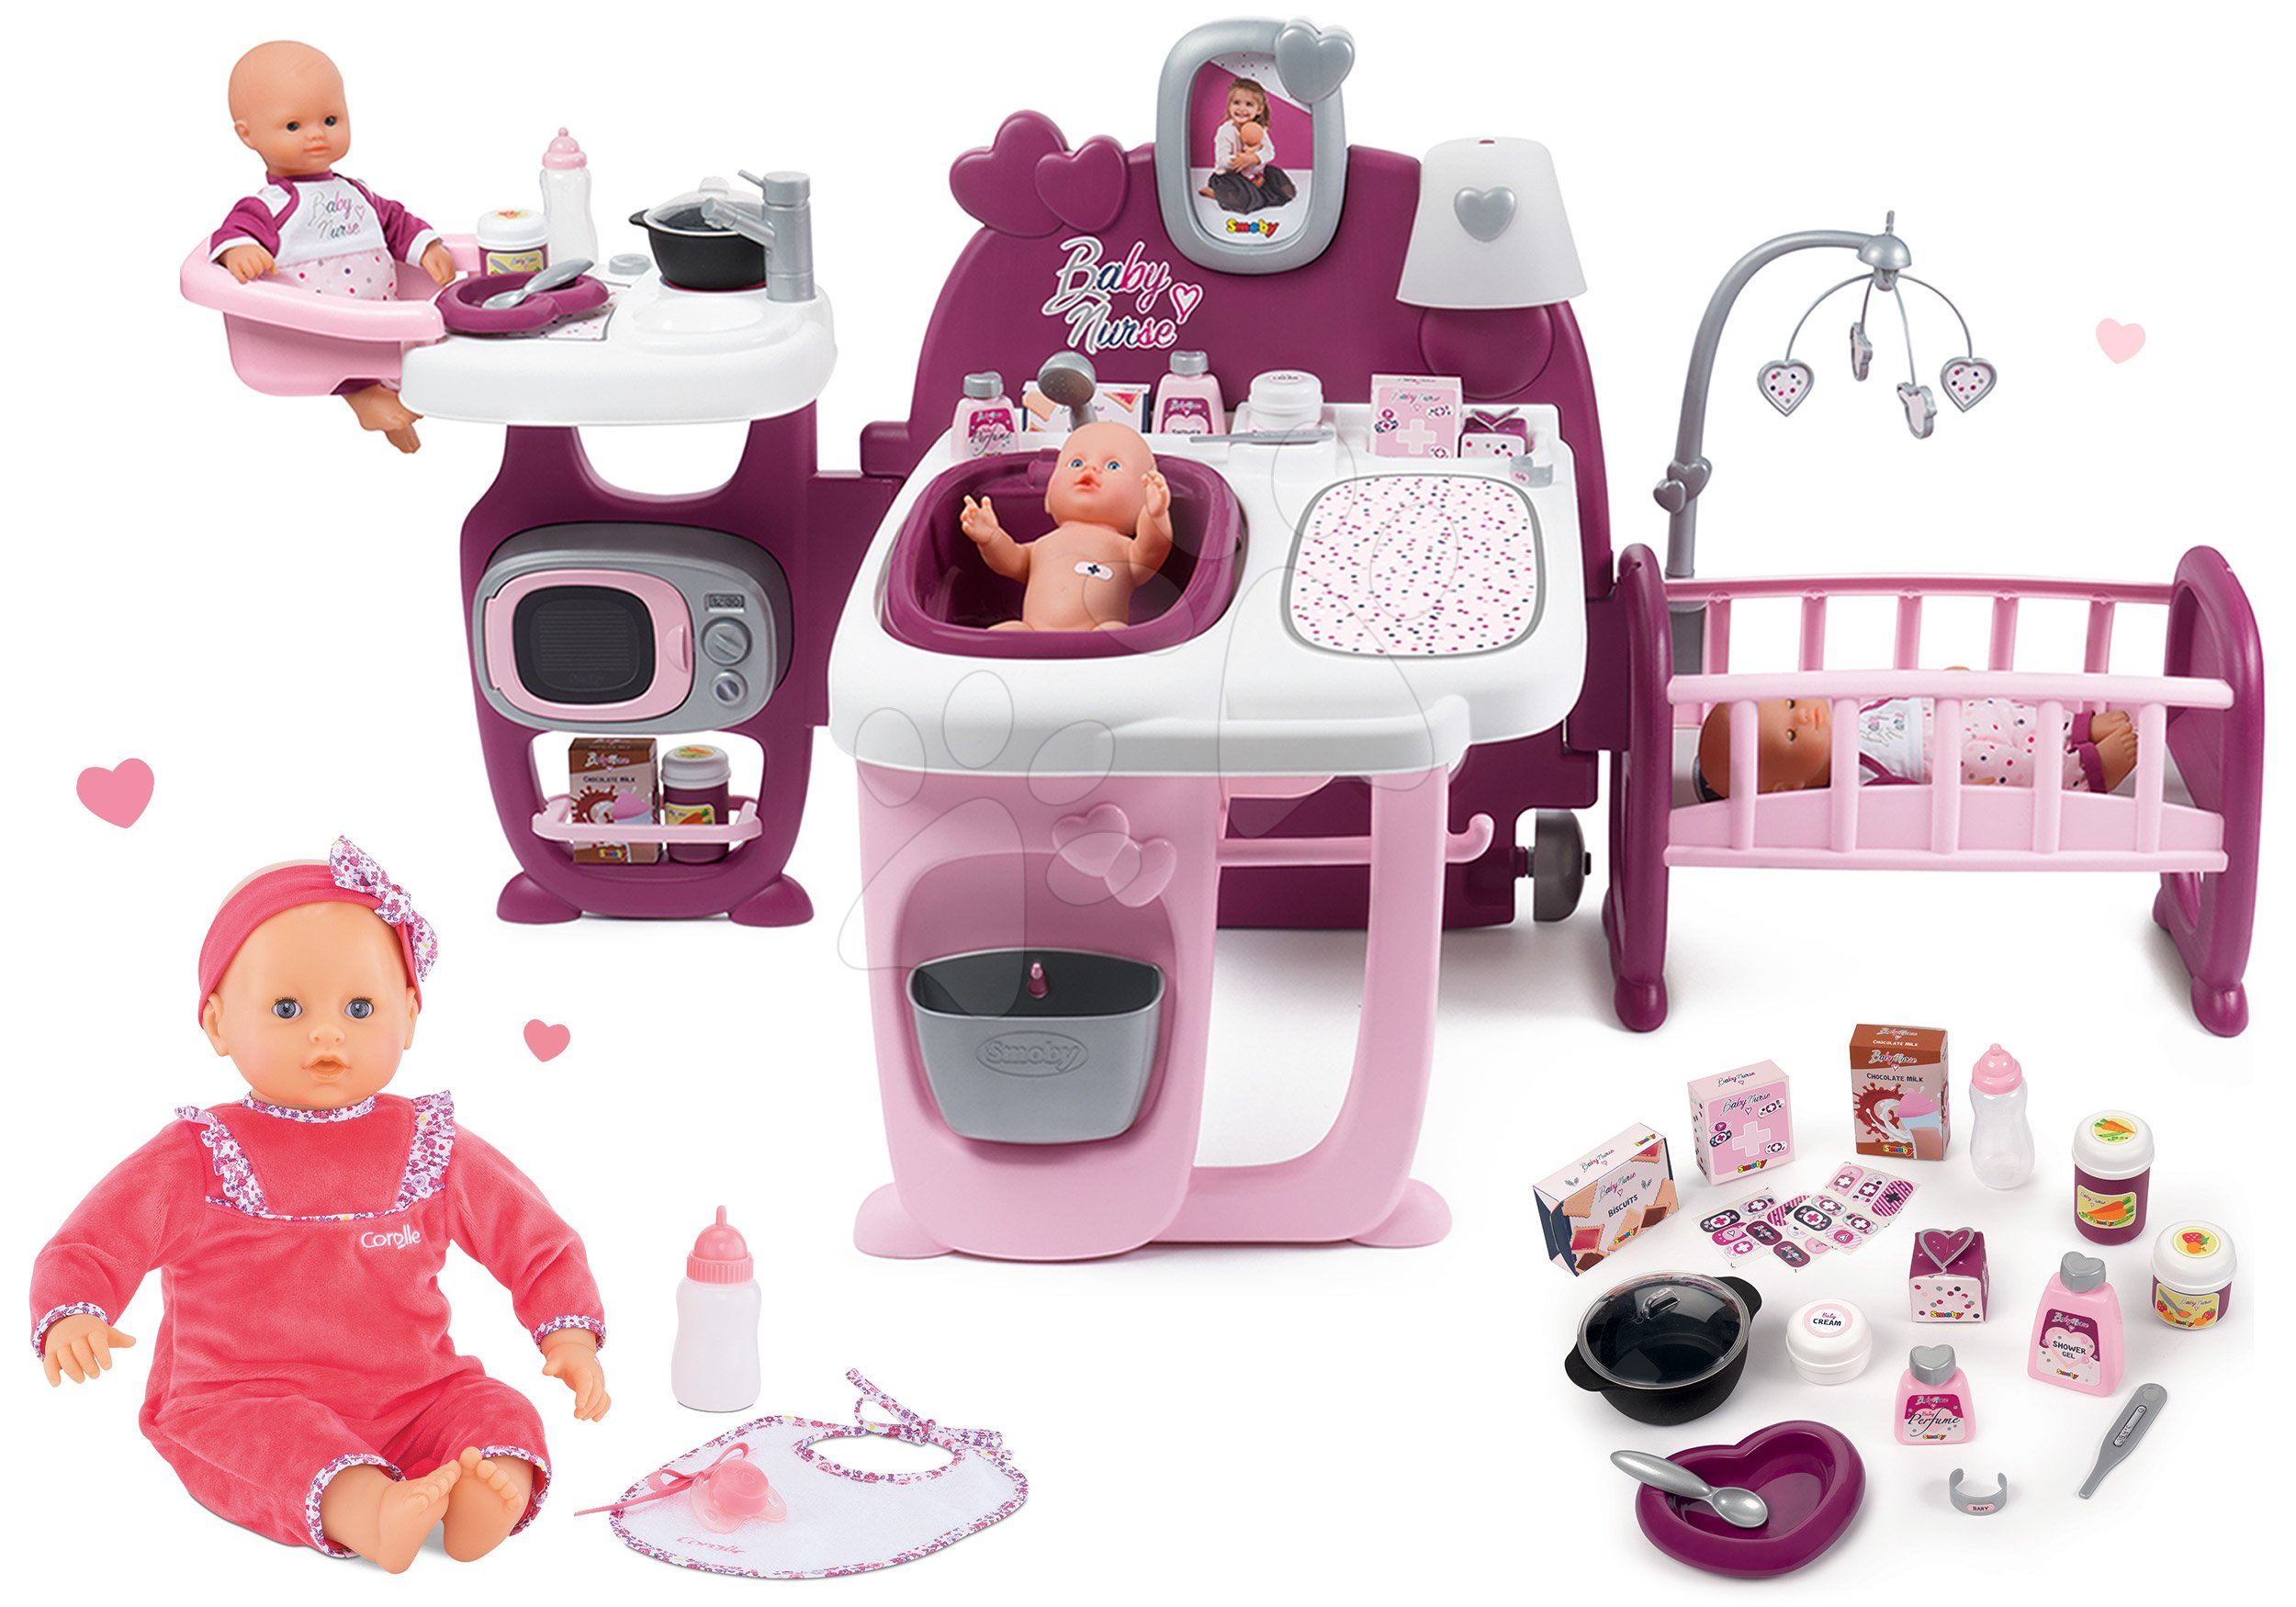 Set domček pre bábiku Violette Baby Nurse Large Doll's Play Center Smoby a bábika Lila Chérie Mon Grand 42 cm so zvukmi, 5 funkciami